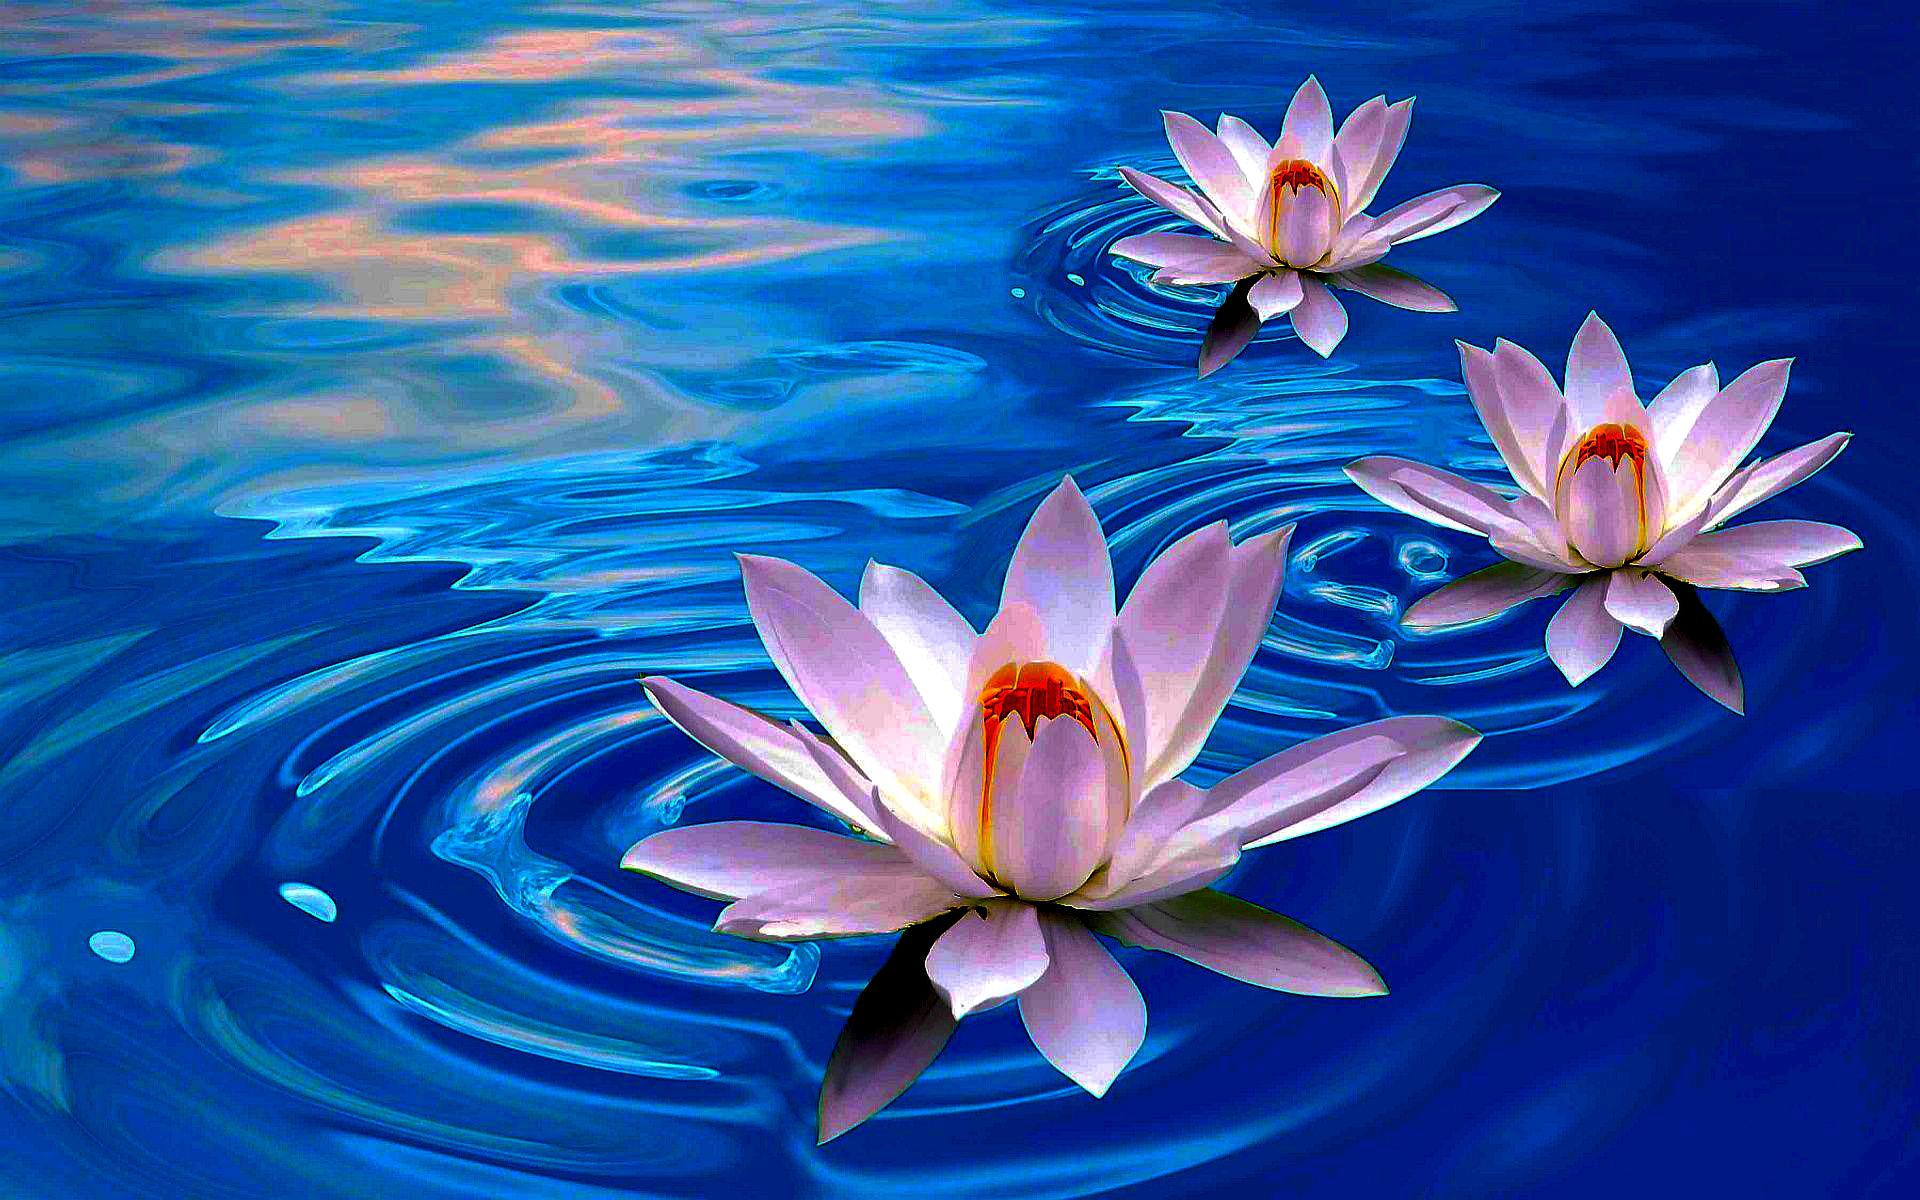 lotus flower wallpaper